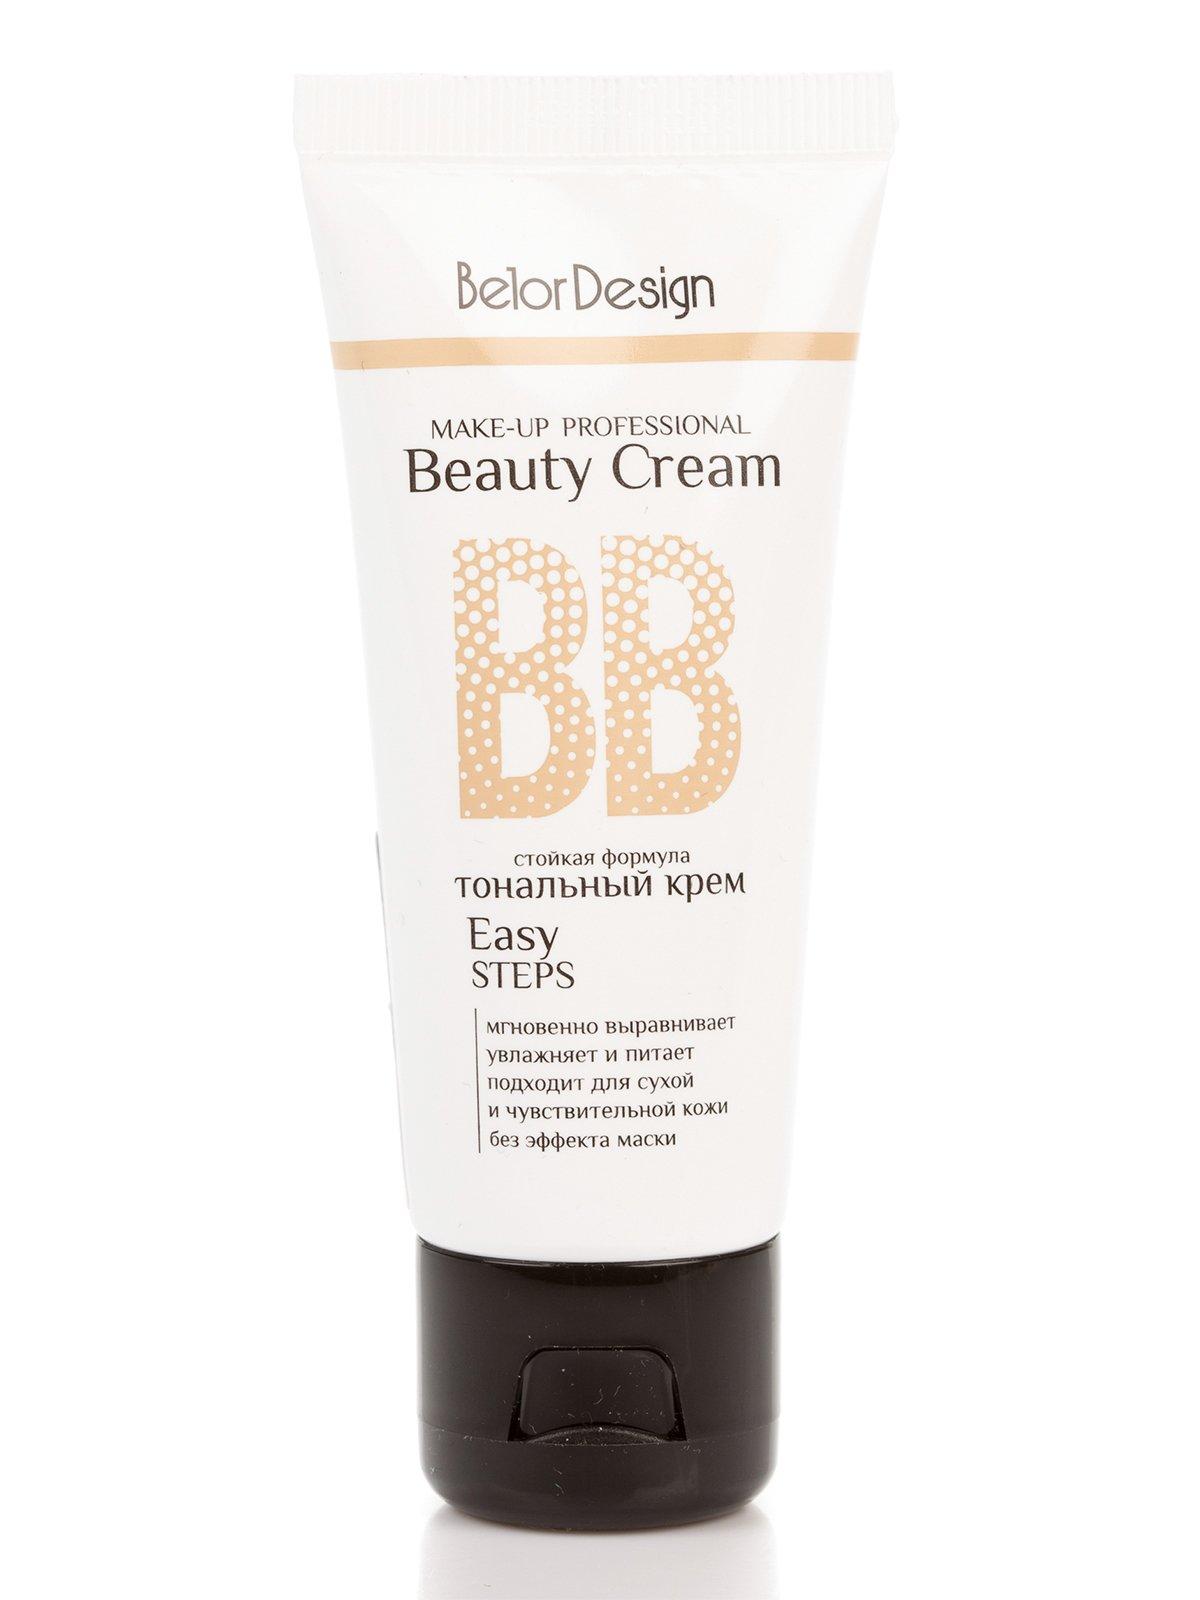 Тональный крем BB Beauty Cream (32 г) — тон 103   2320260